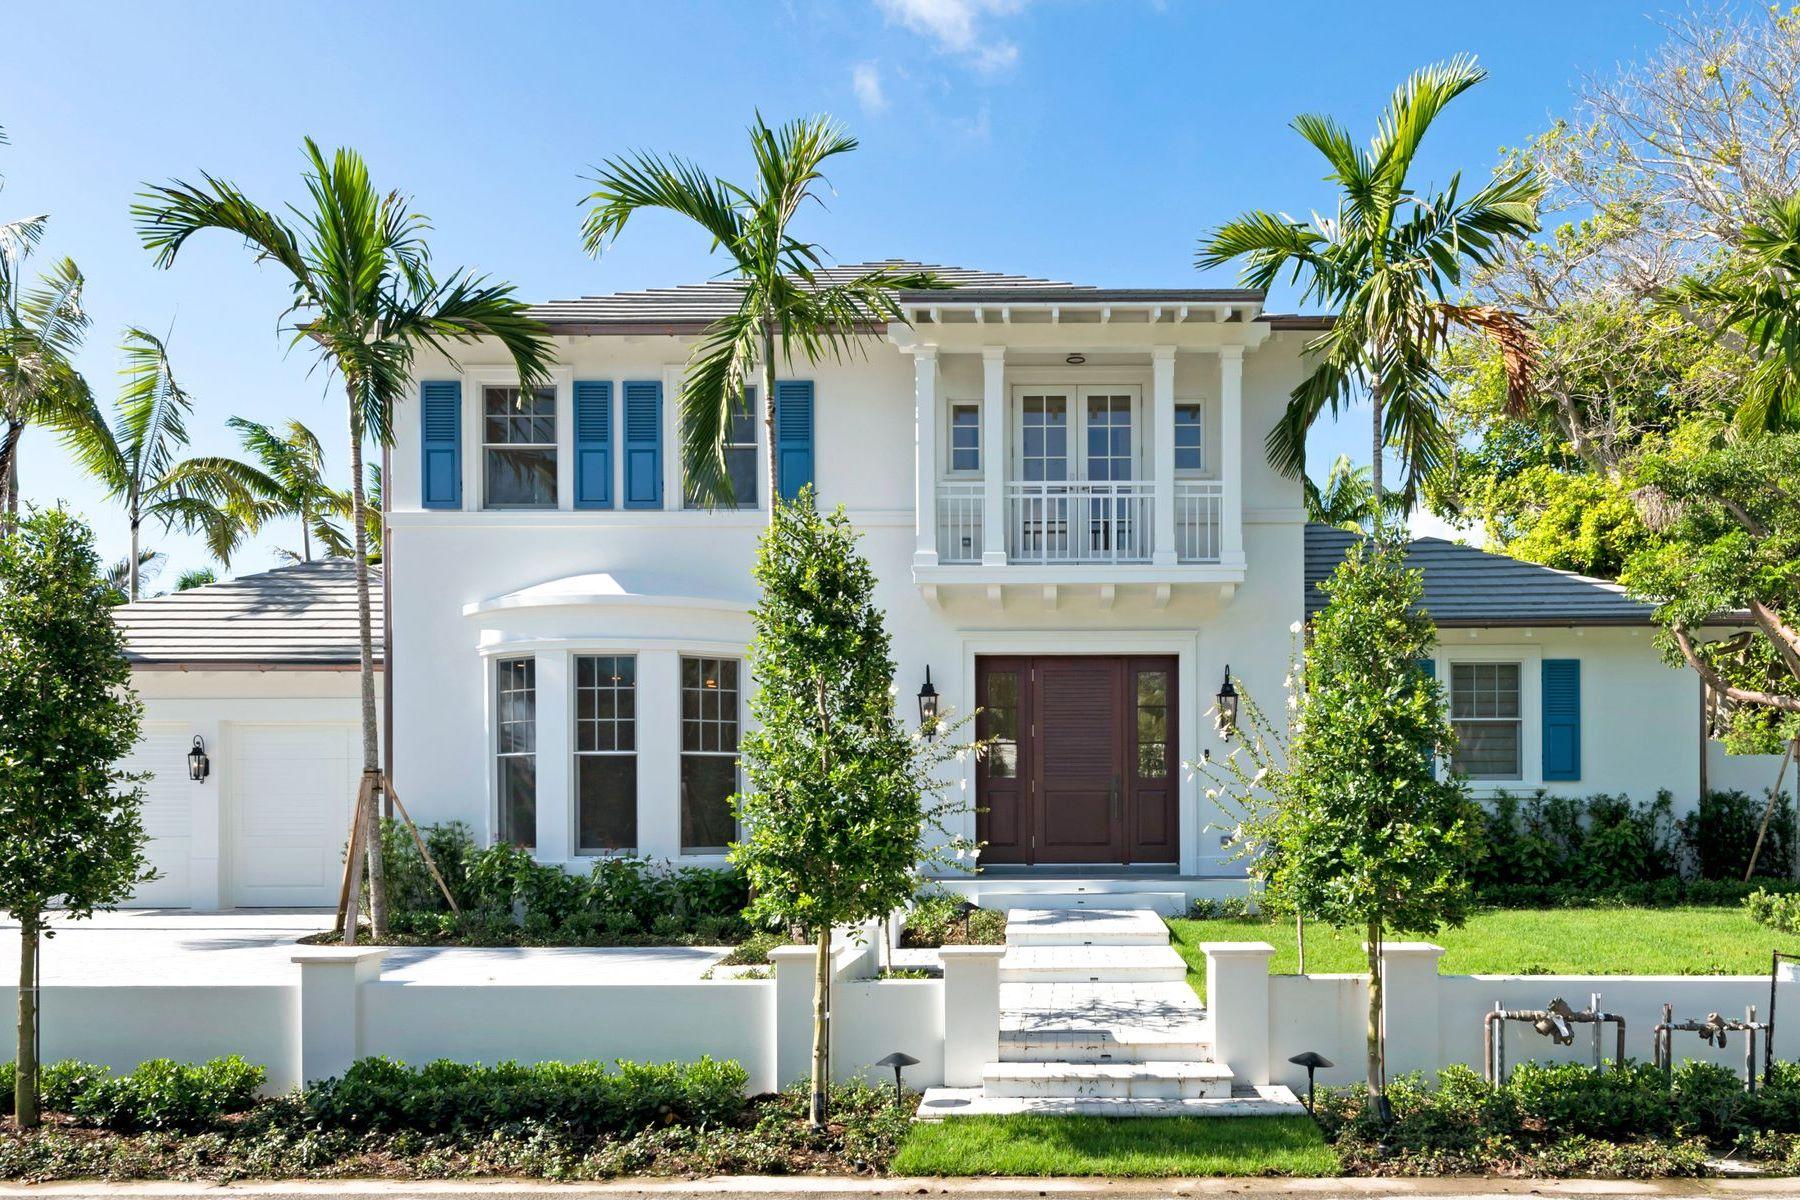 Single Family Homes für Verkauf beim Palm Beach New Construction 256 Fairview Rd, Palm Beach, Florida 33480 Vereinigte Staaten